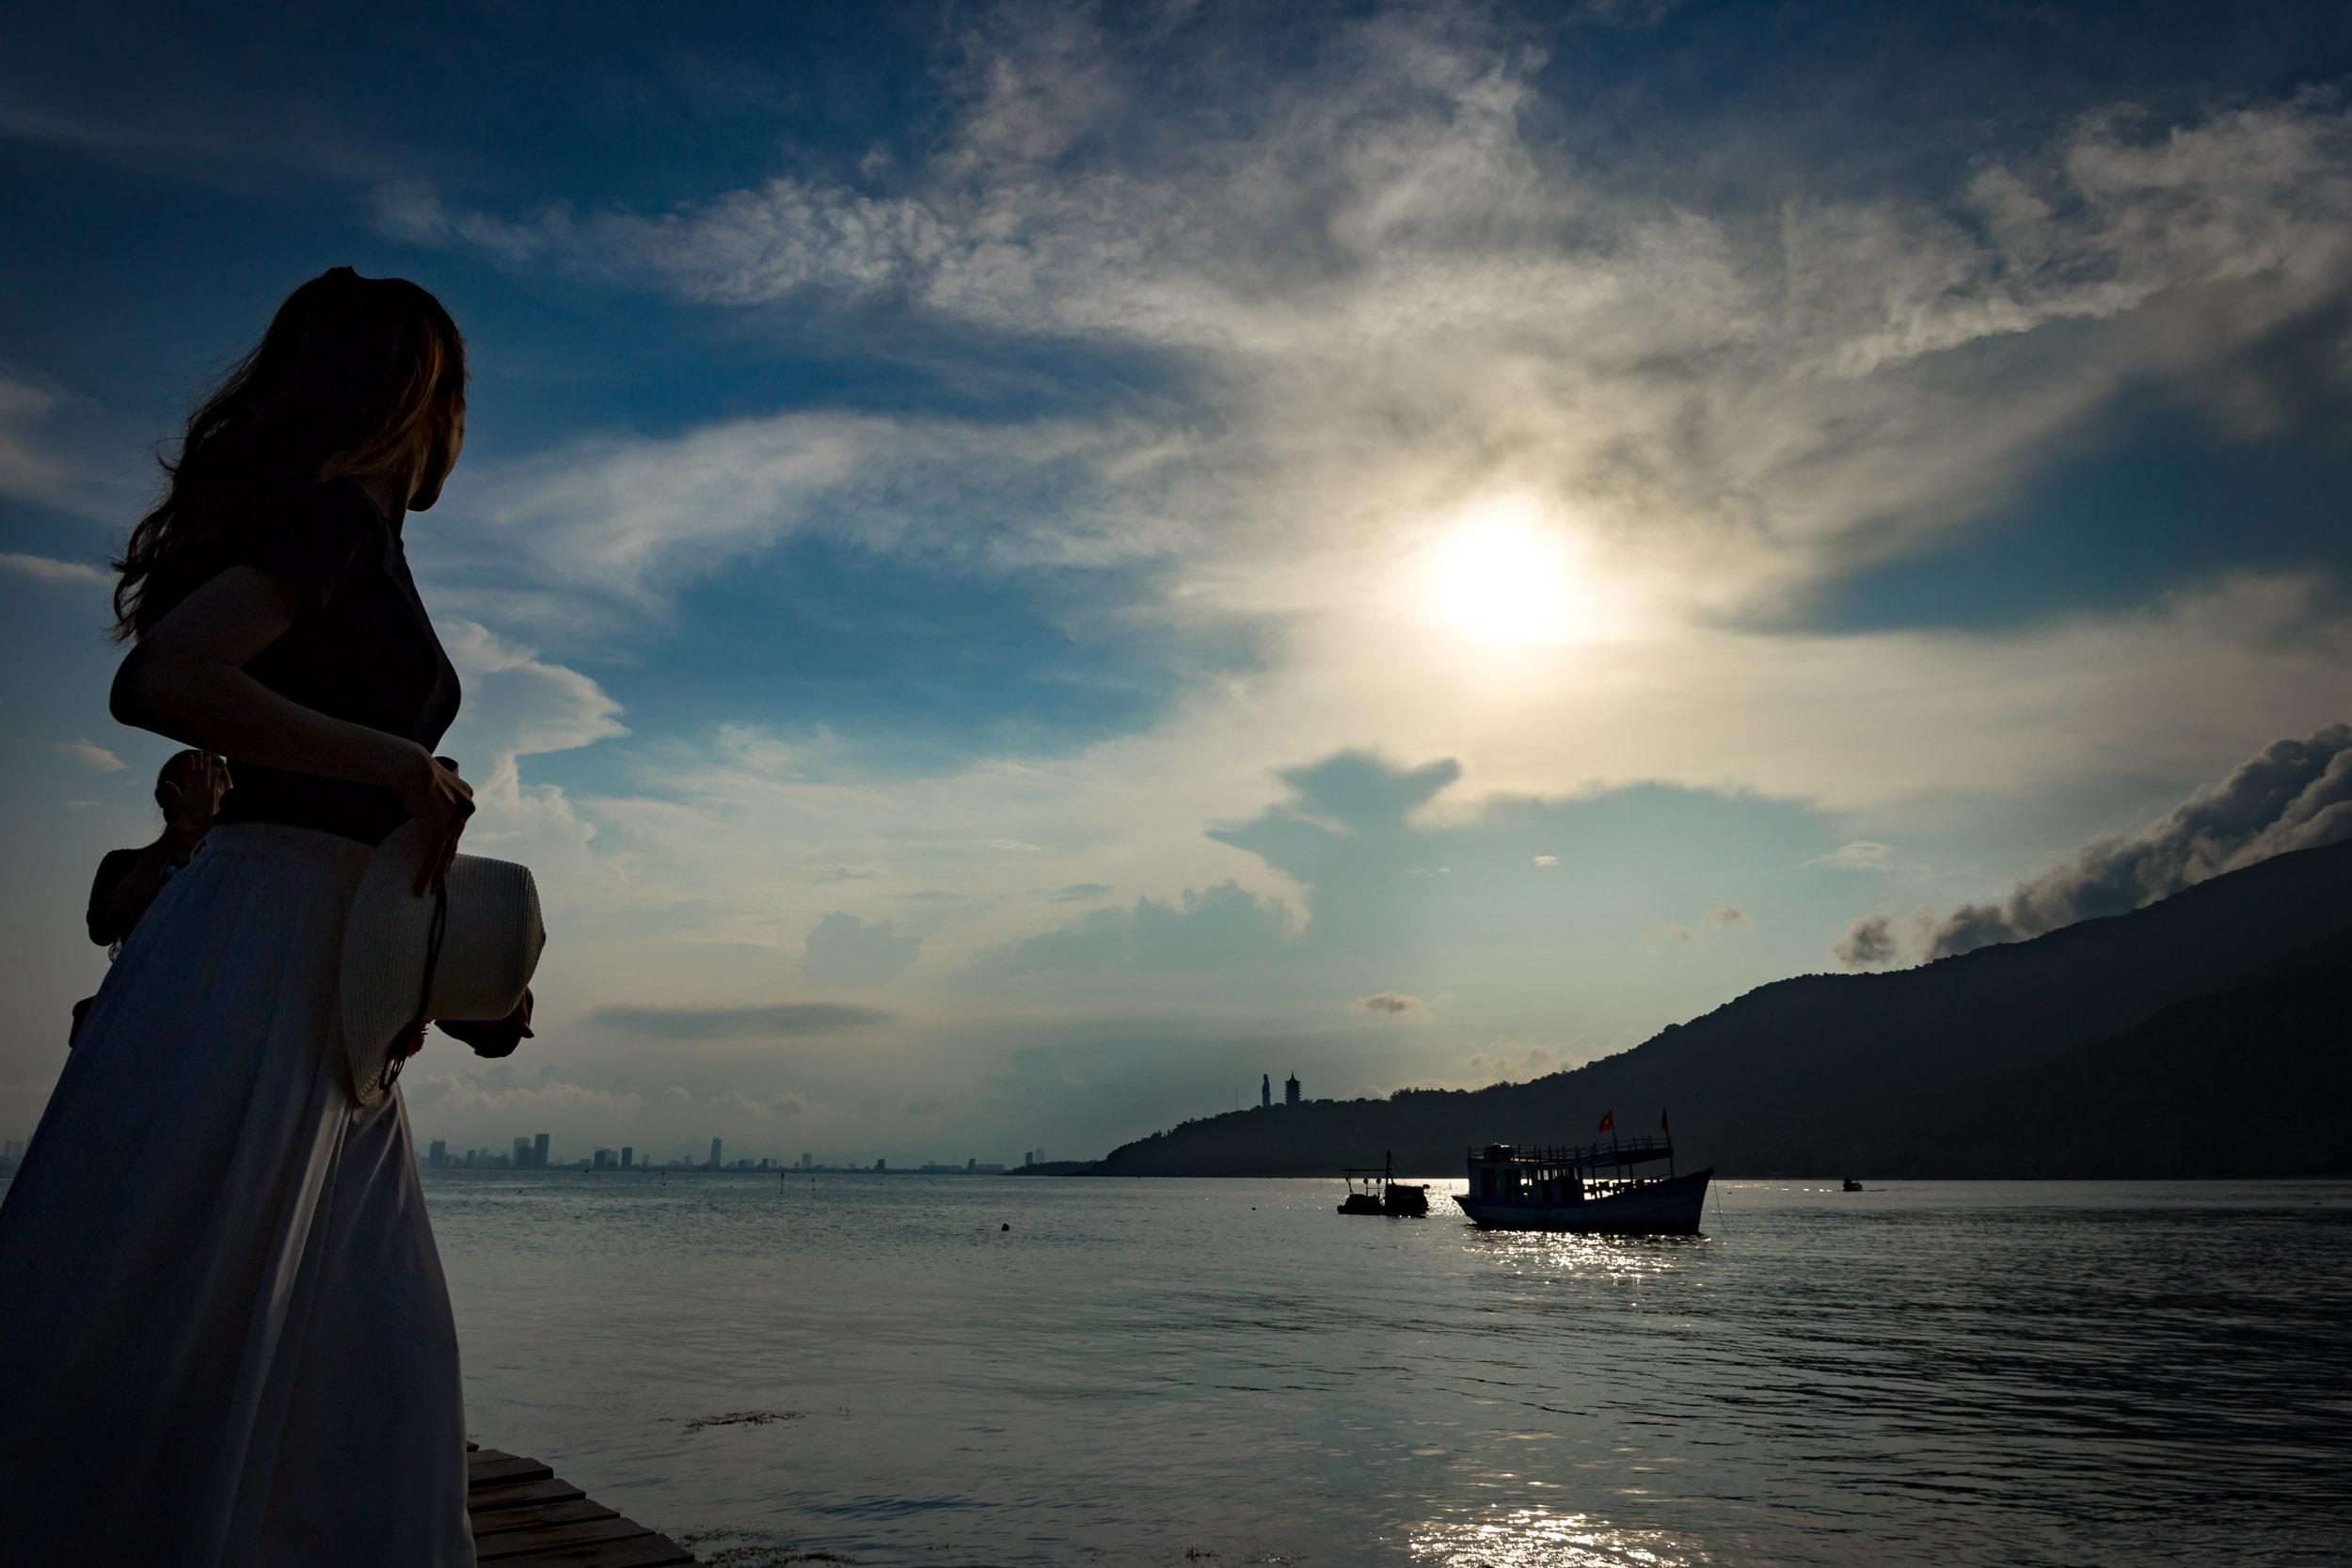 Sunset and skyline from Da Nang Pier. Vietnam.